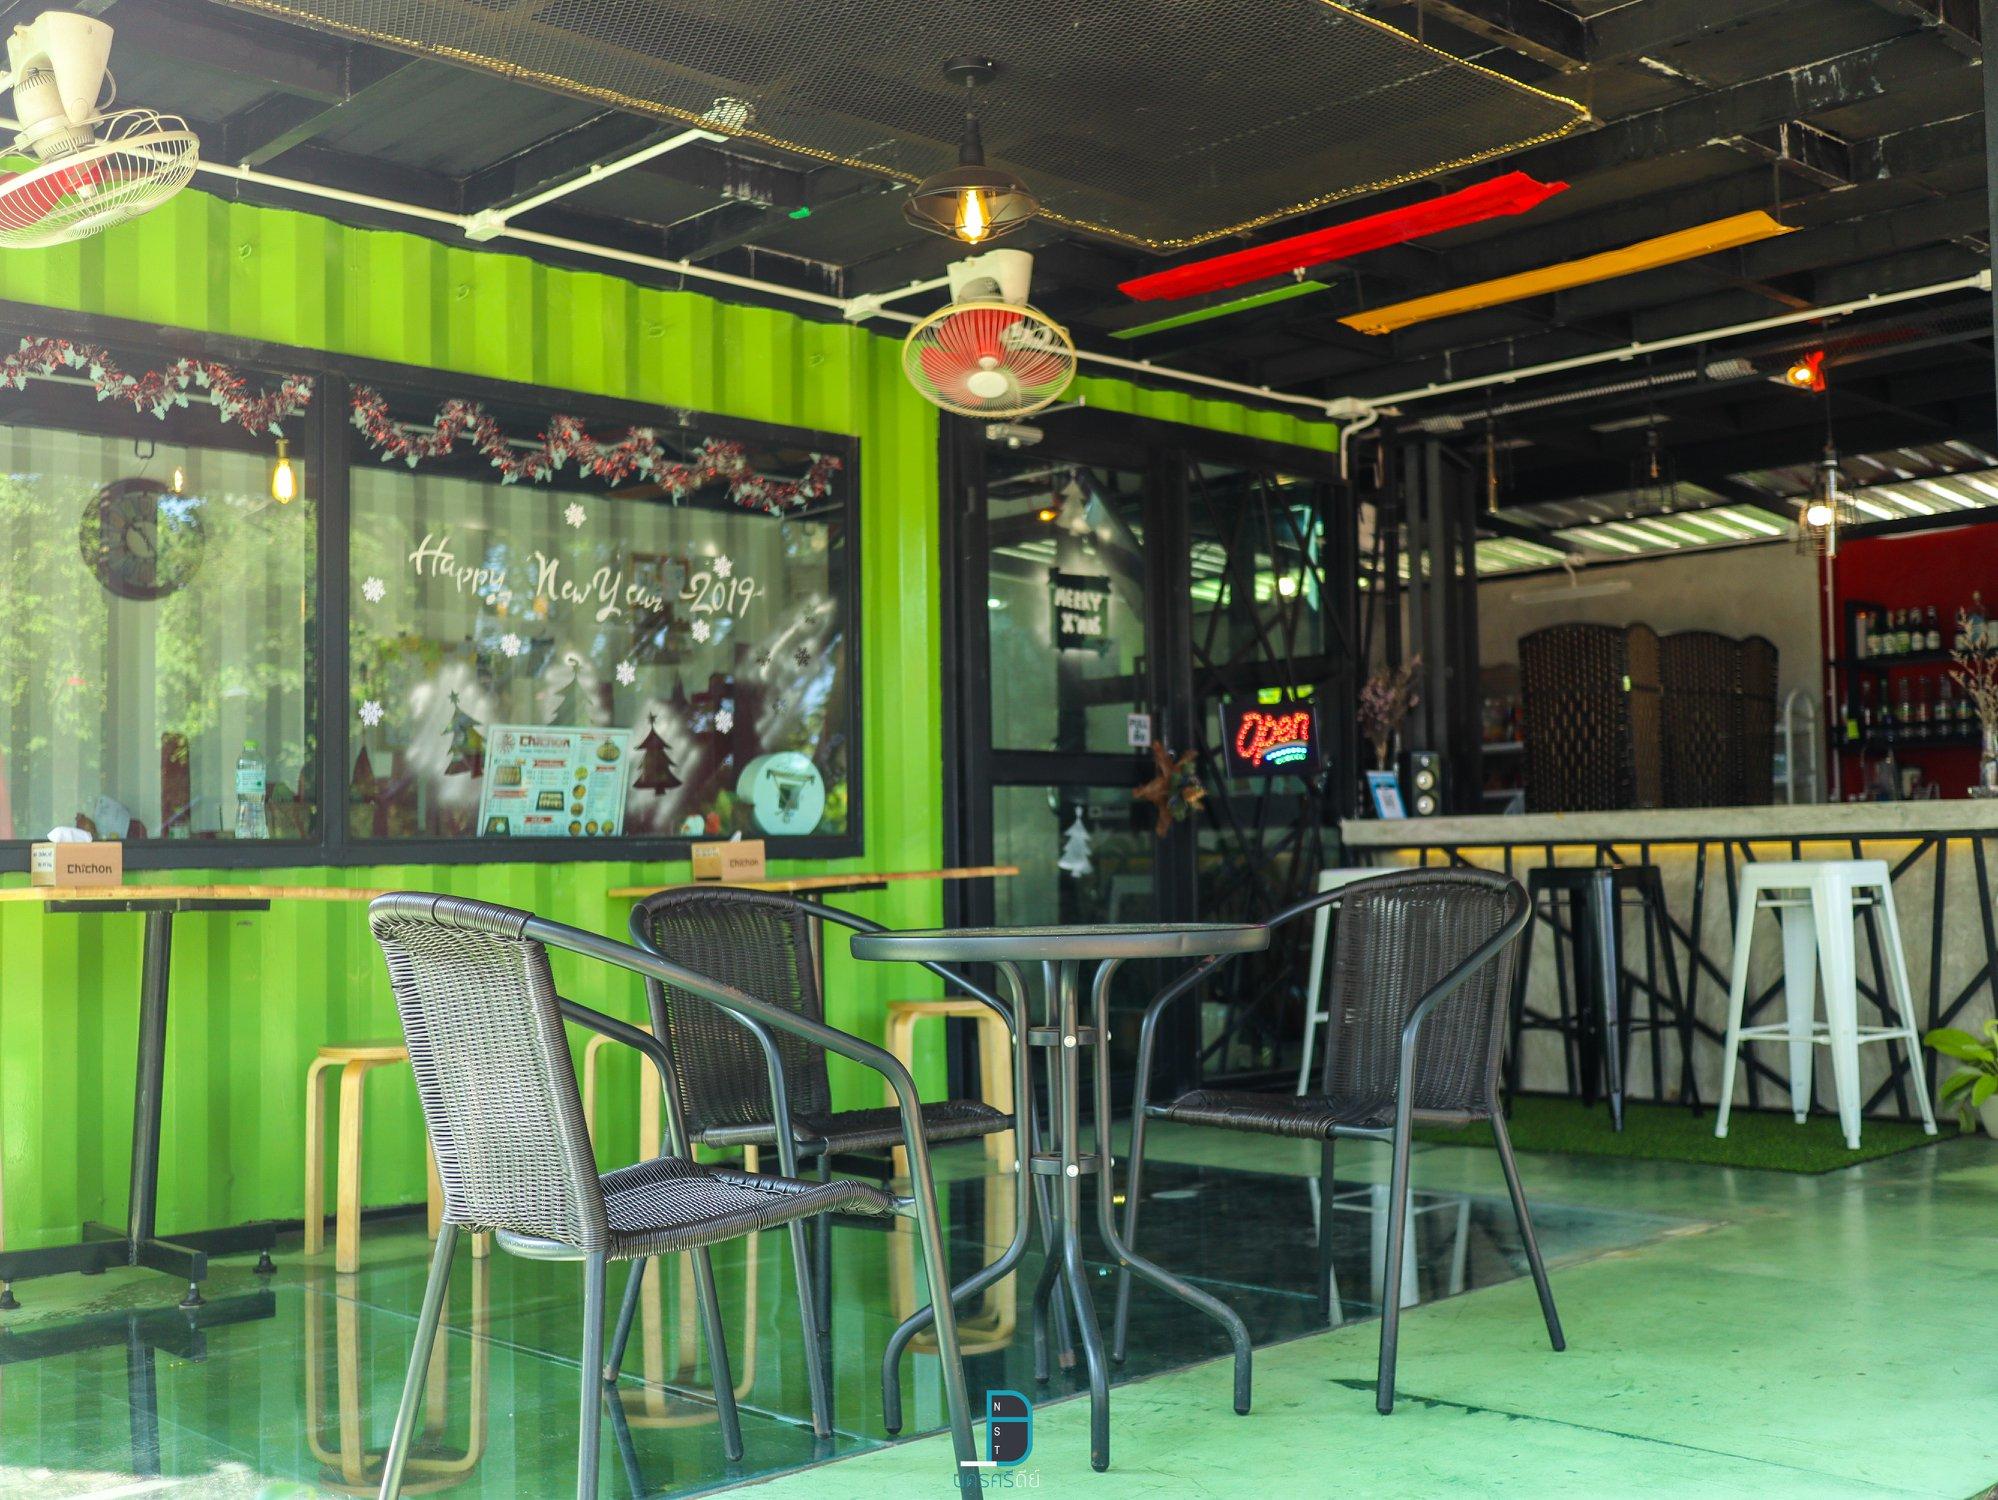 ร้านไก่สไตล์เกาหลี นครศรีธรรมราช ChiChon ร้านสวยลึกลับในป่ากลางเมือ นครศรีดีย์